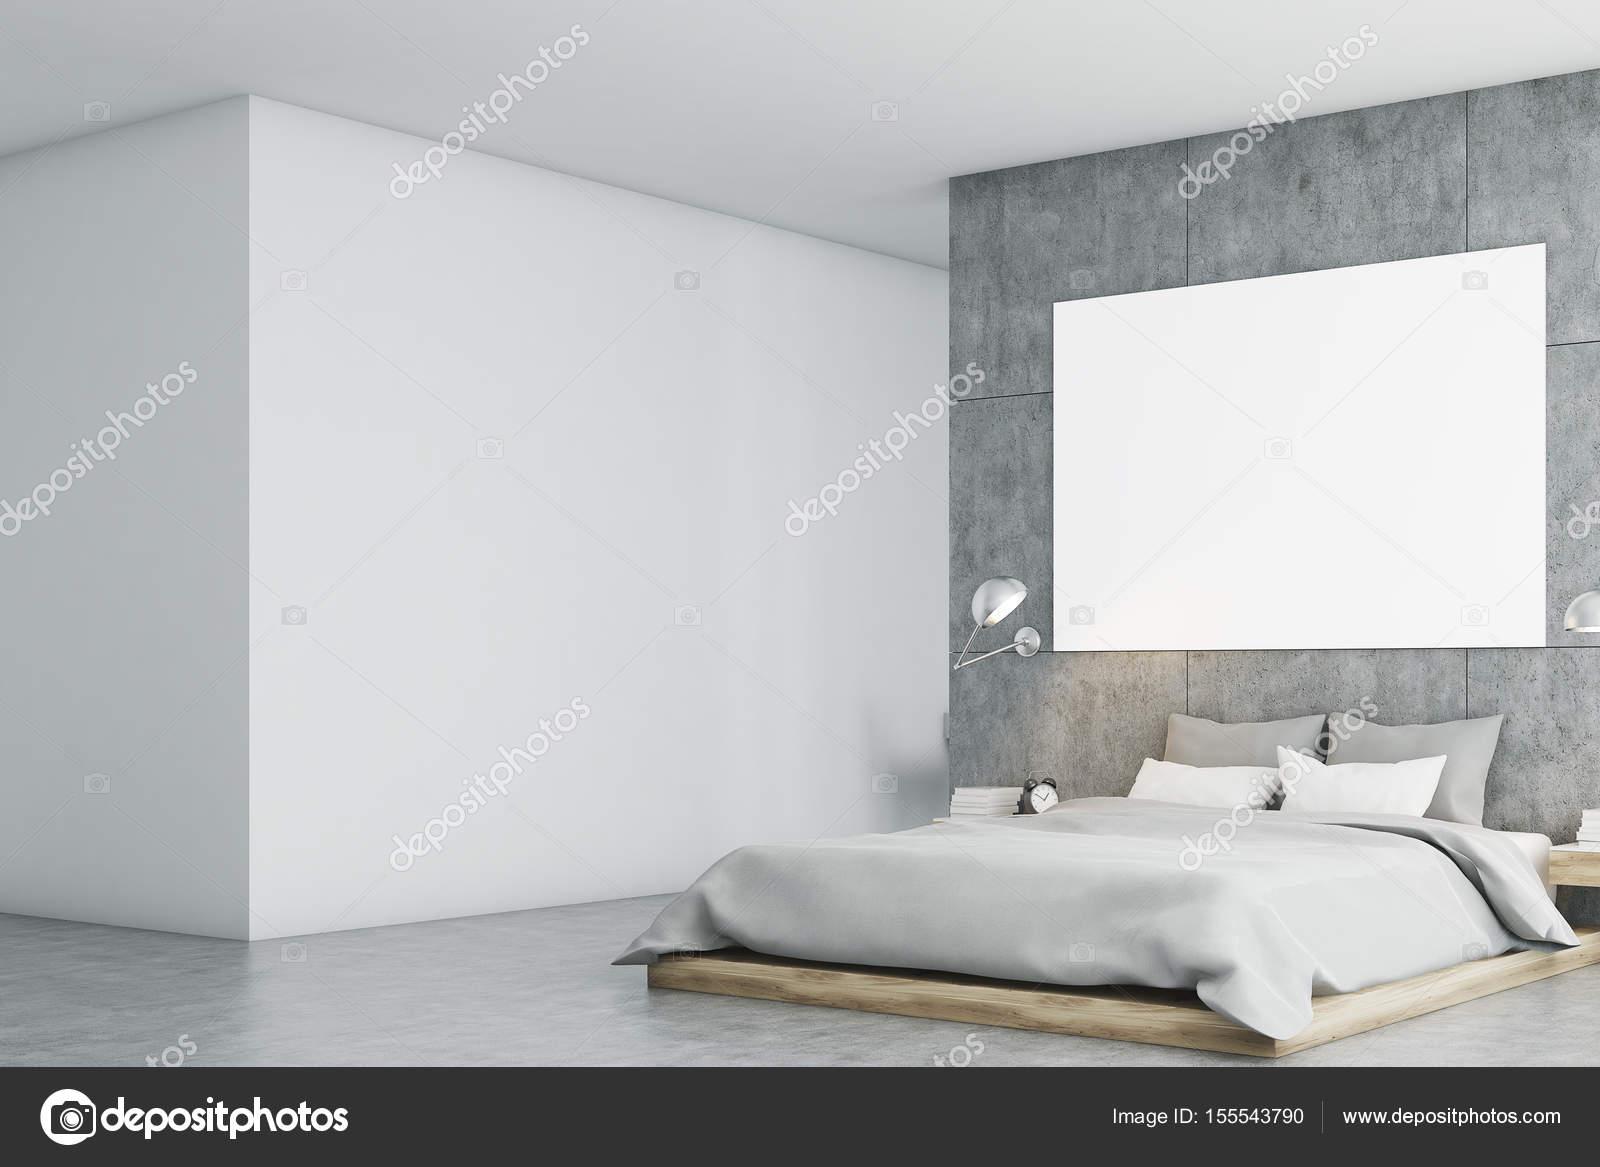 Camera da letto grigio con poster e studio lato — Foto Stock ...